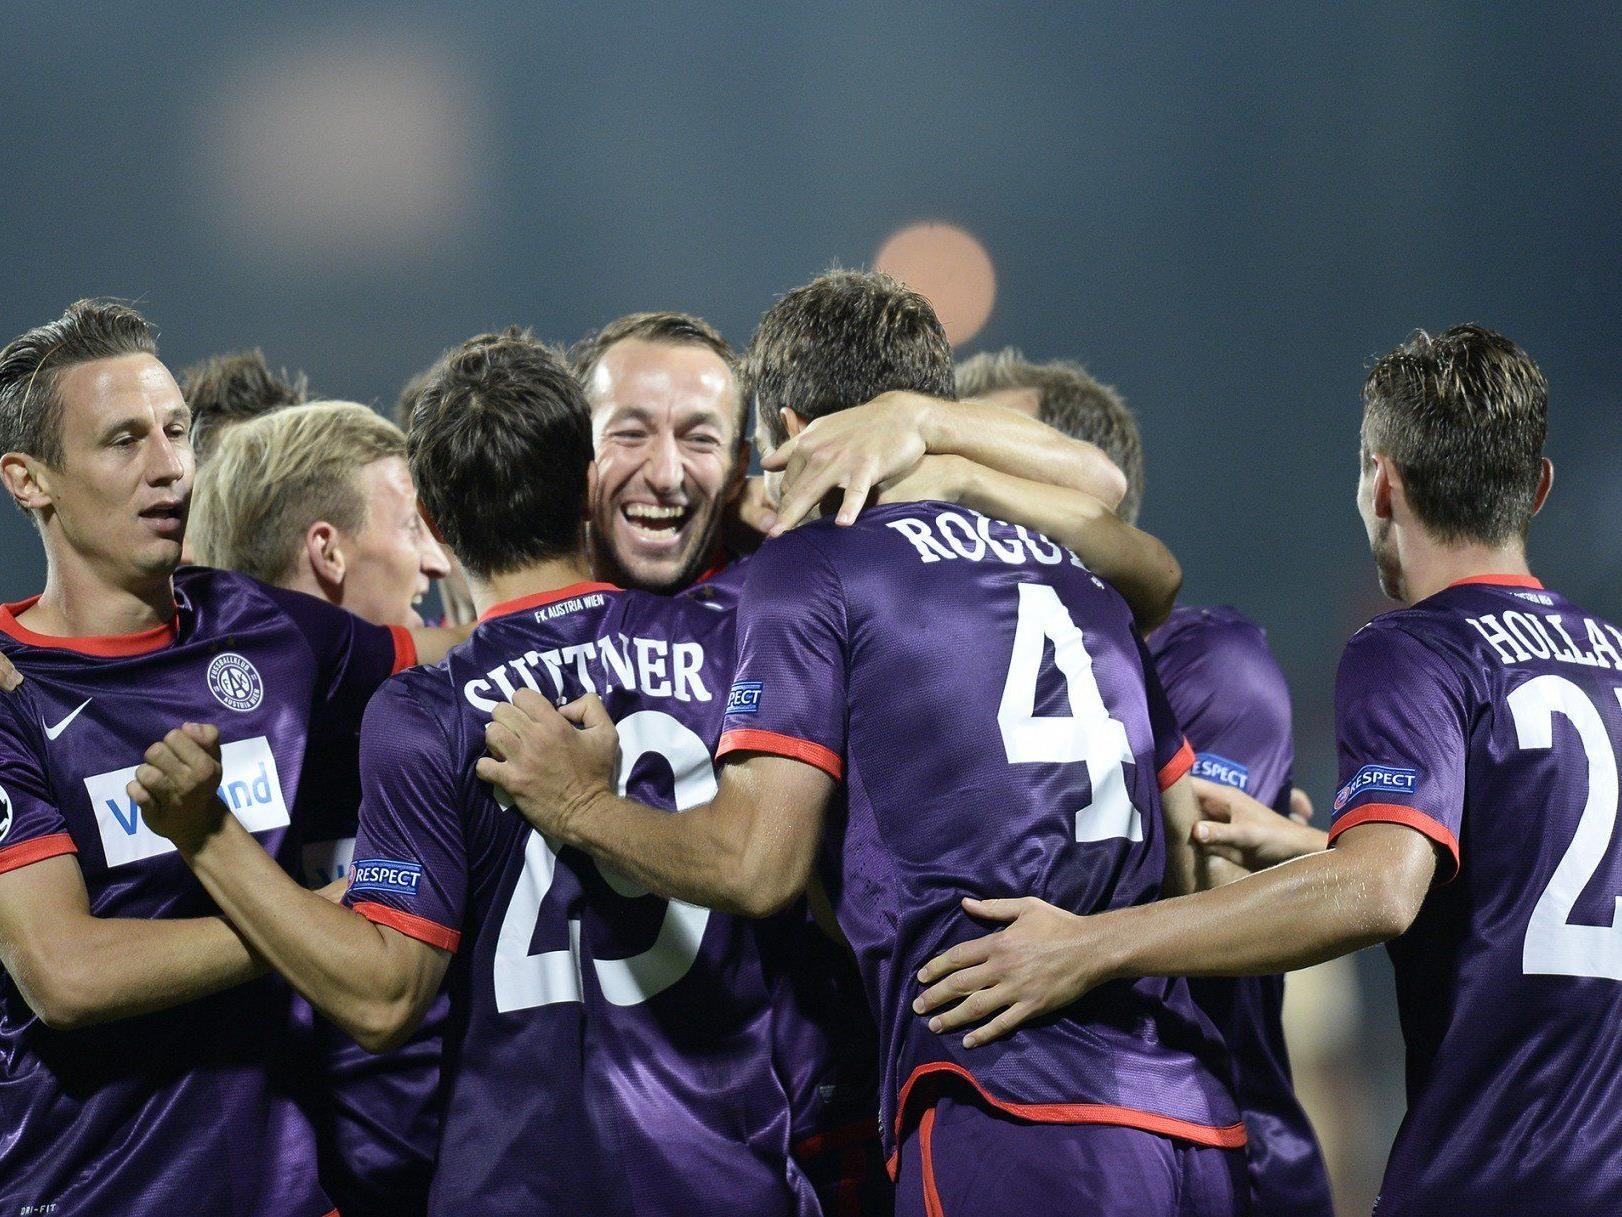 Wir berichten am Samstag live ab 19 Uhr vom Spiel FK Austria Wien gegen SV Grödig im Ticker.